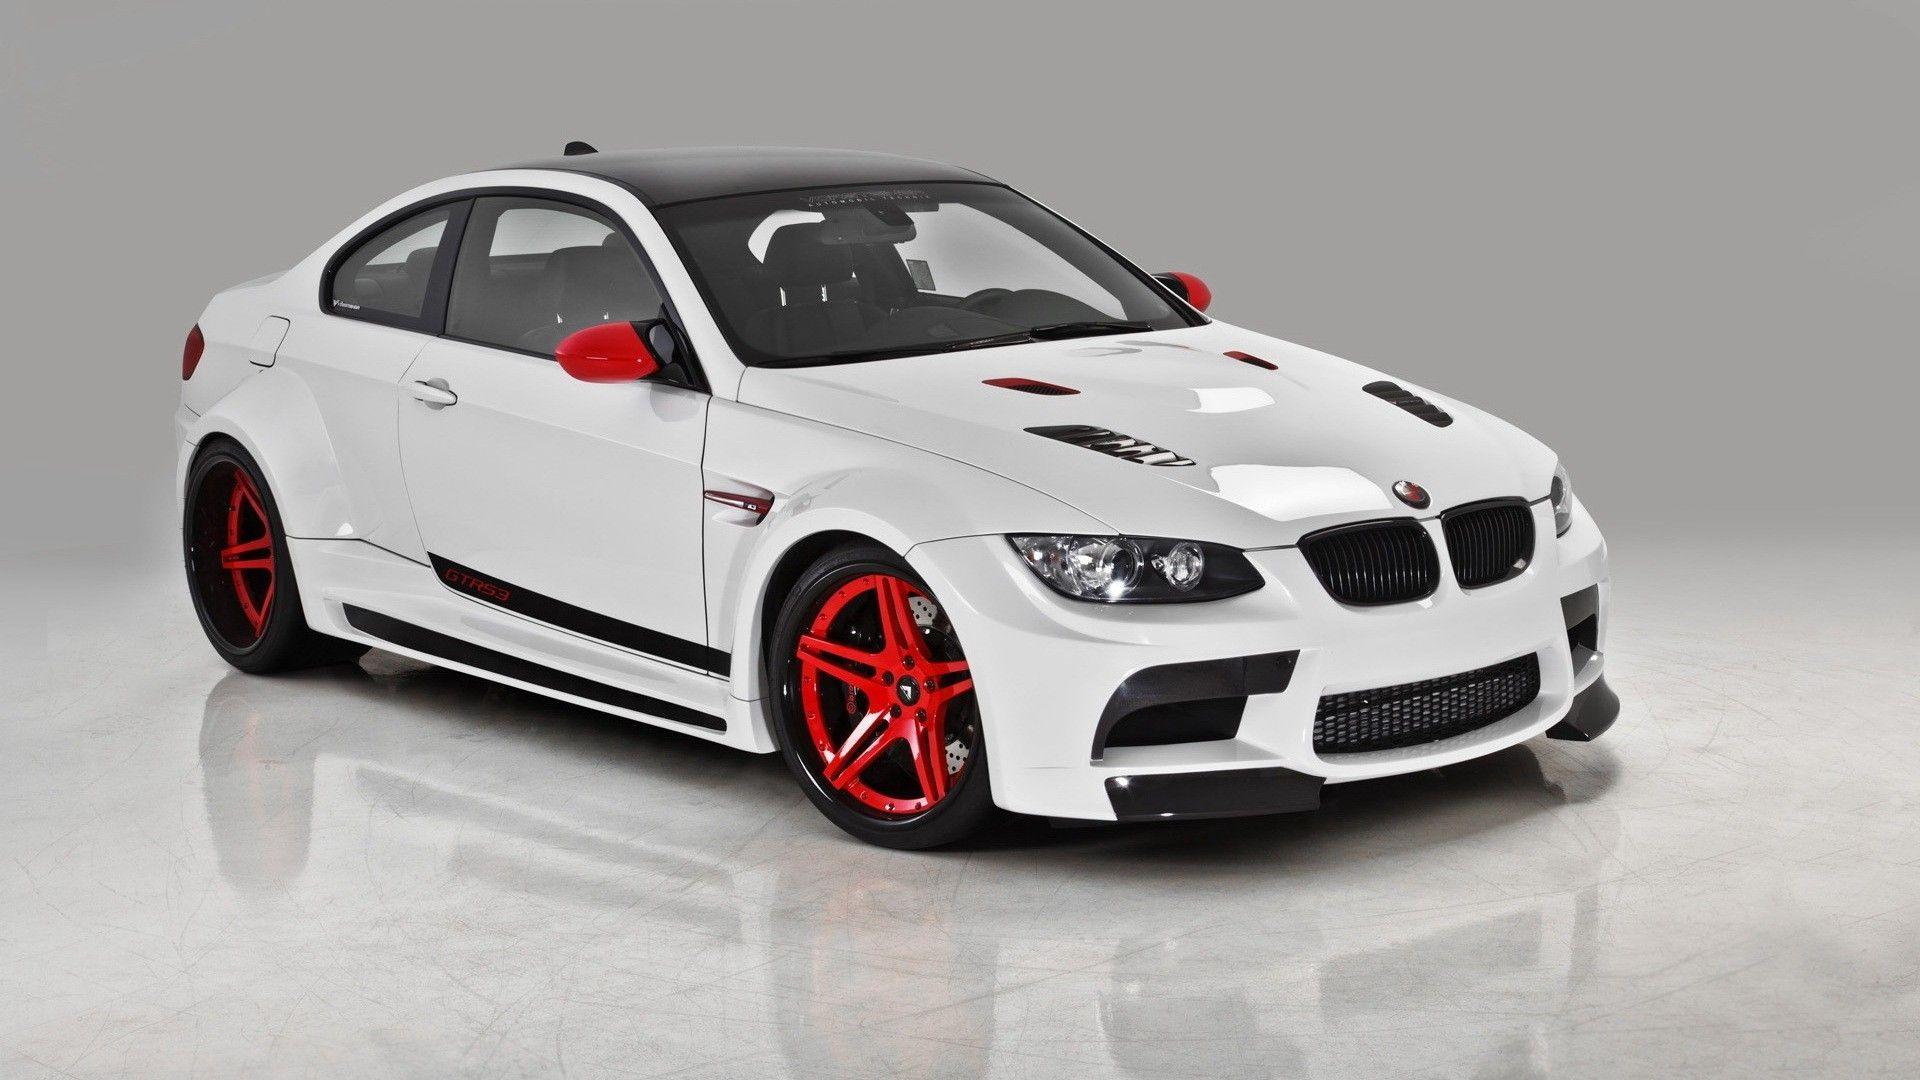 Bmw M3 2014 Coupe White Wallpaper Mobil Bmw Bmw Modifikasi Mobil